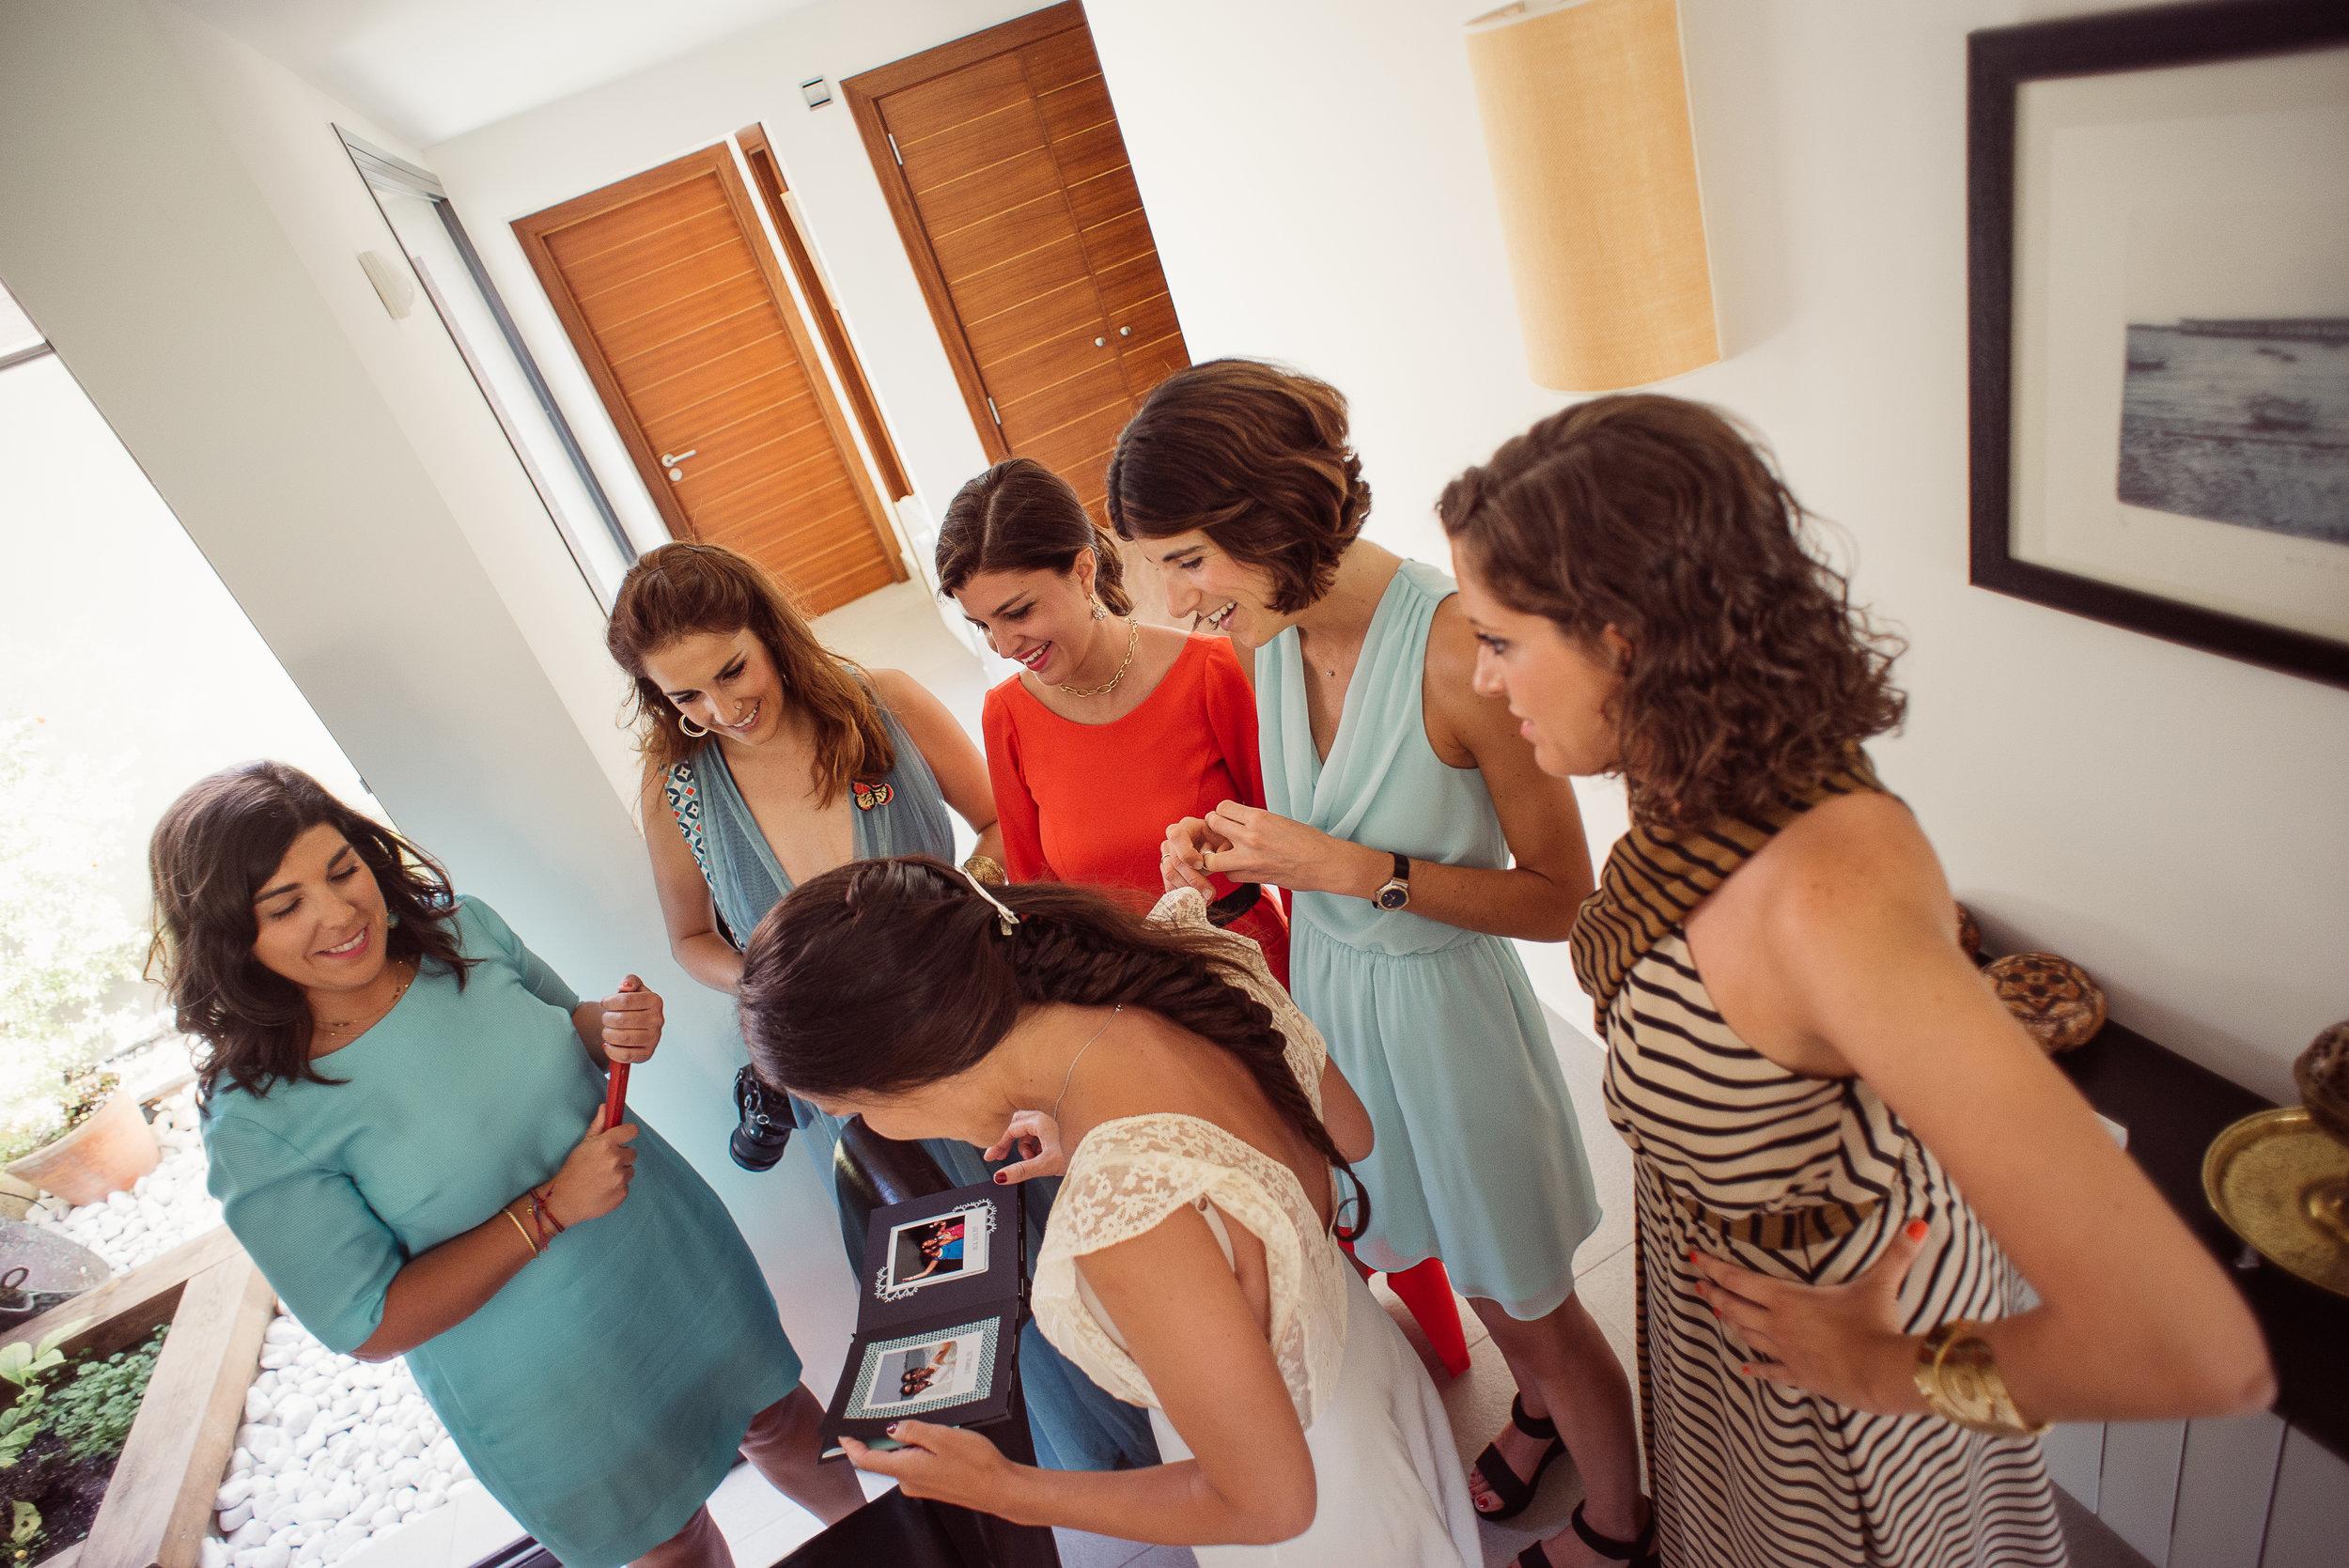 Cinta, aún en camisón, en el momento en que descubre el álbum.Foto:  Momenta Bodas .